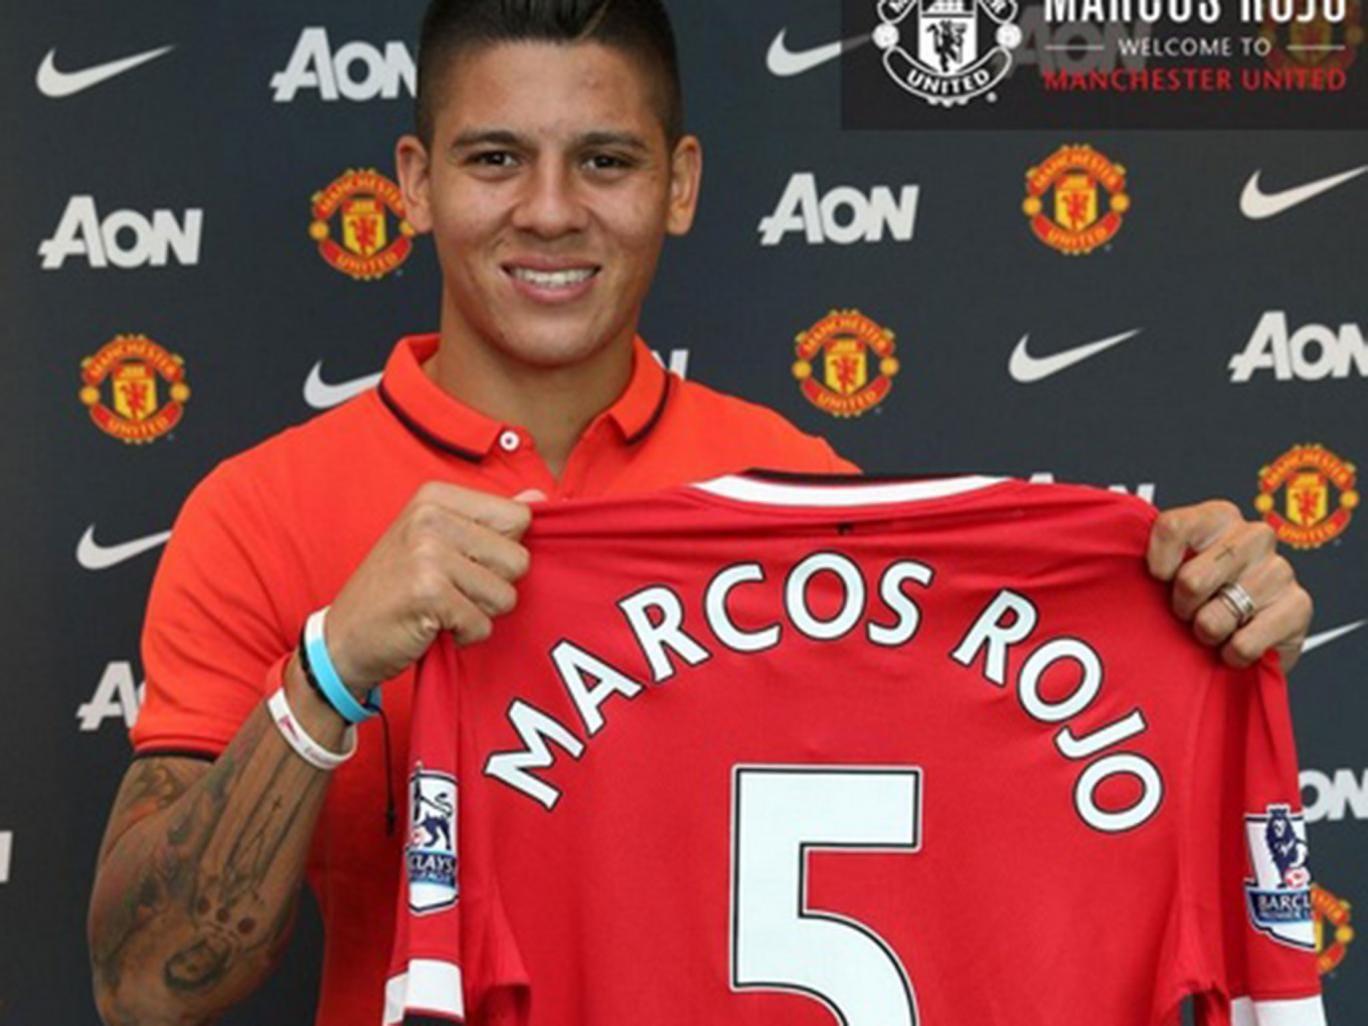 Marcos Rojo and his No 5 shirt